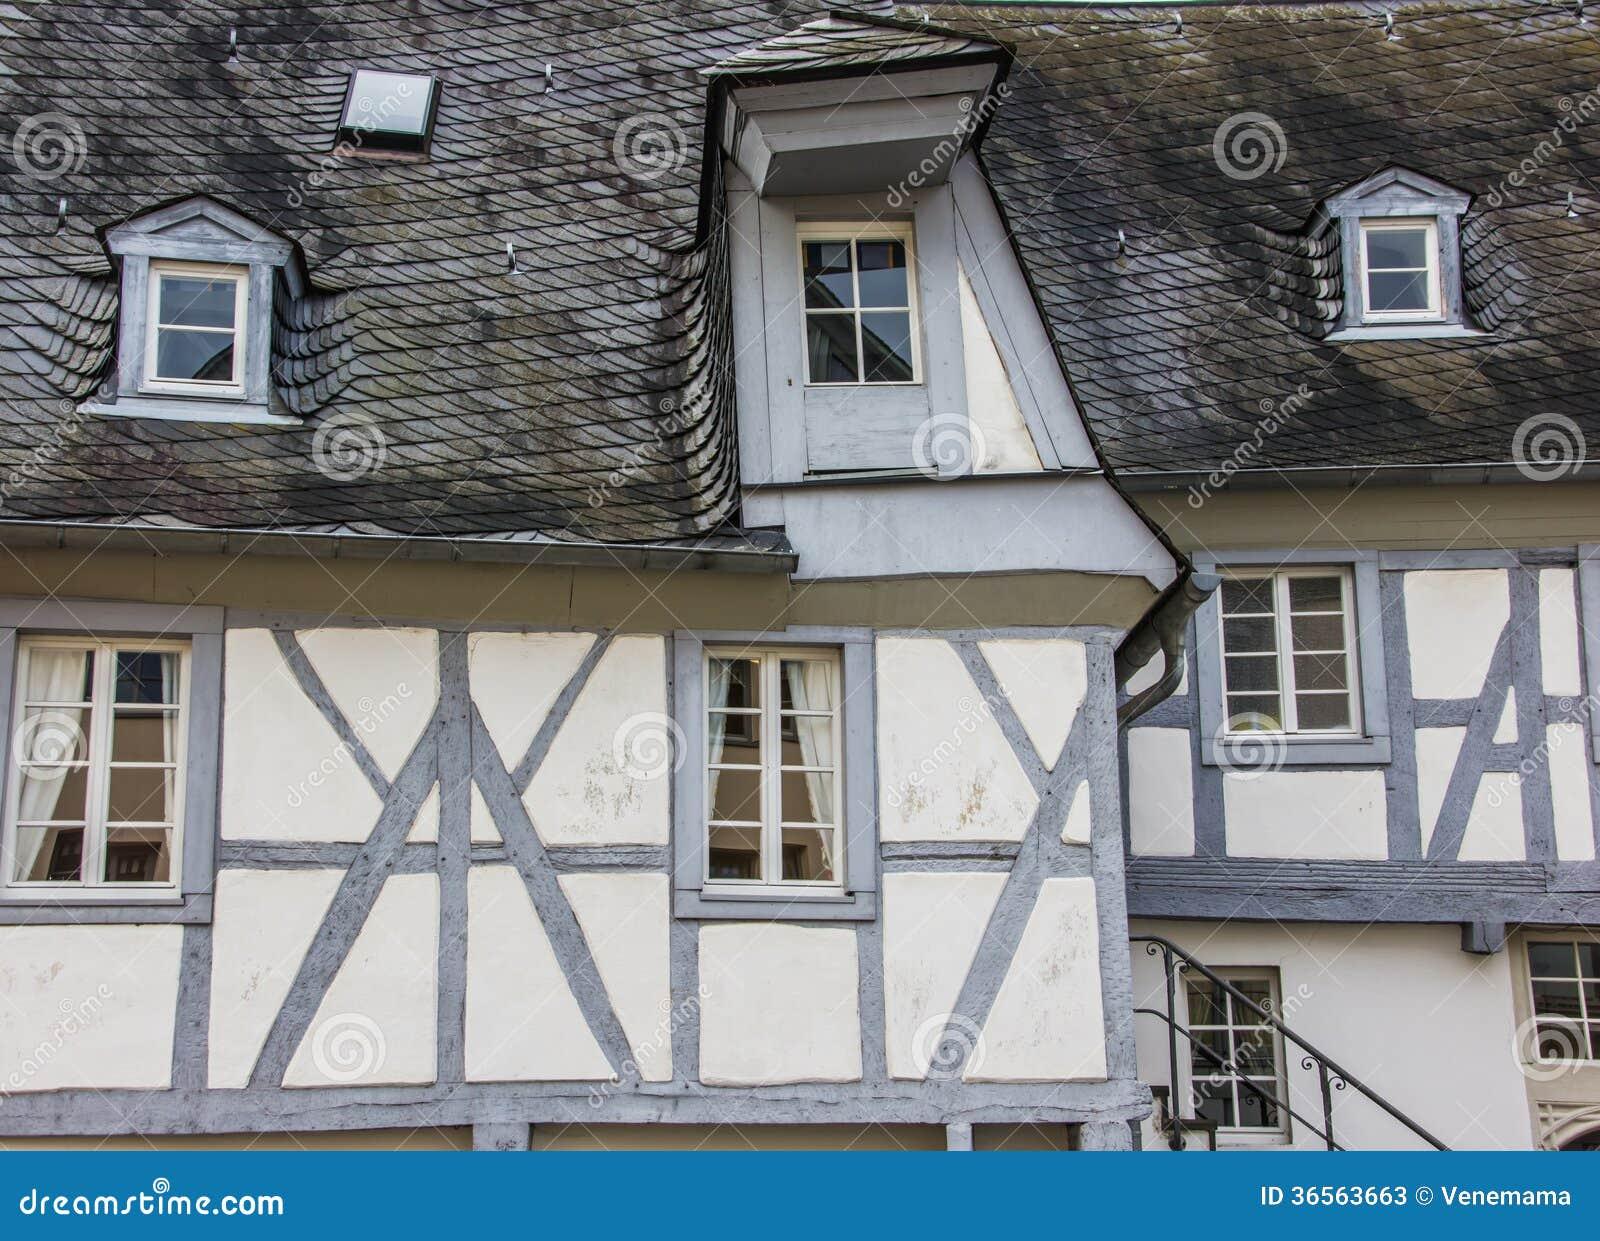 Maison Haf Bois E De Gris Et Blanche Photos Stock Image